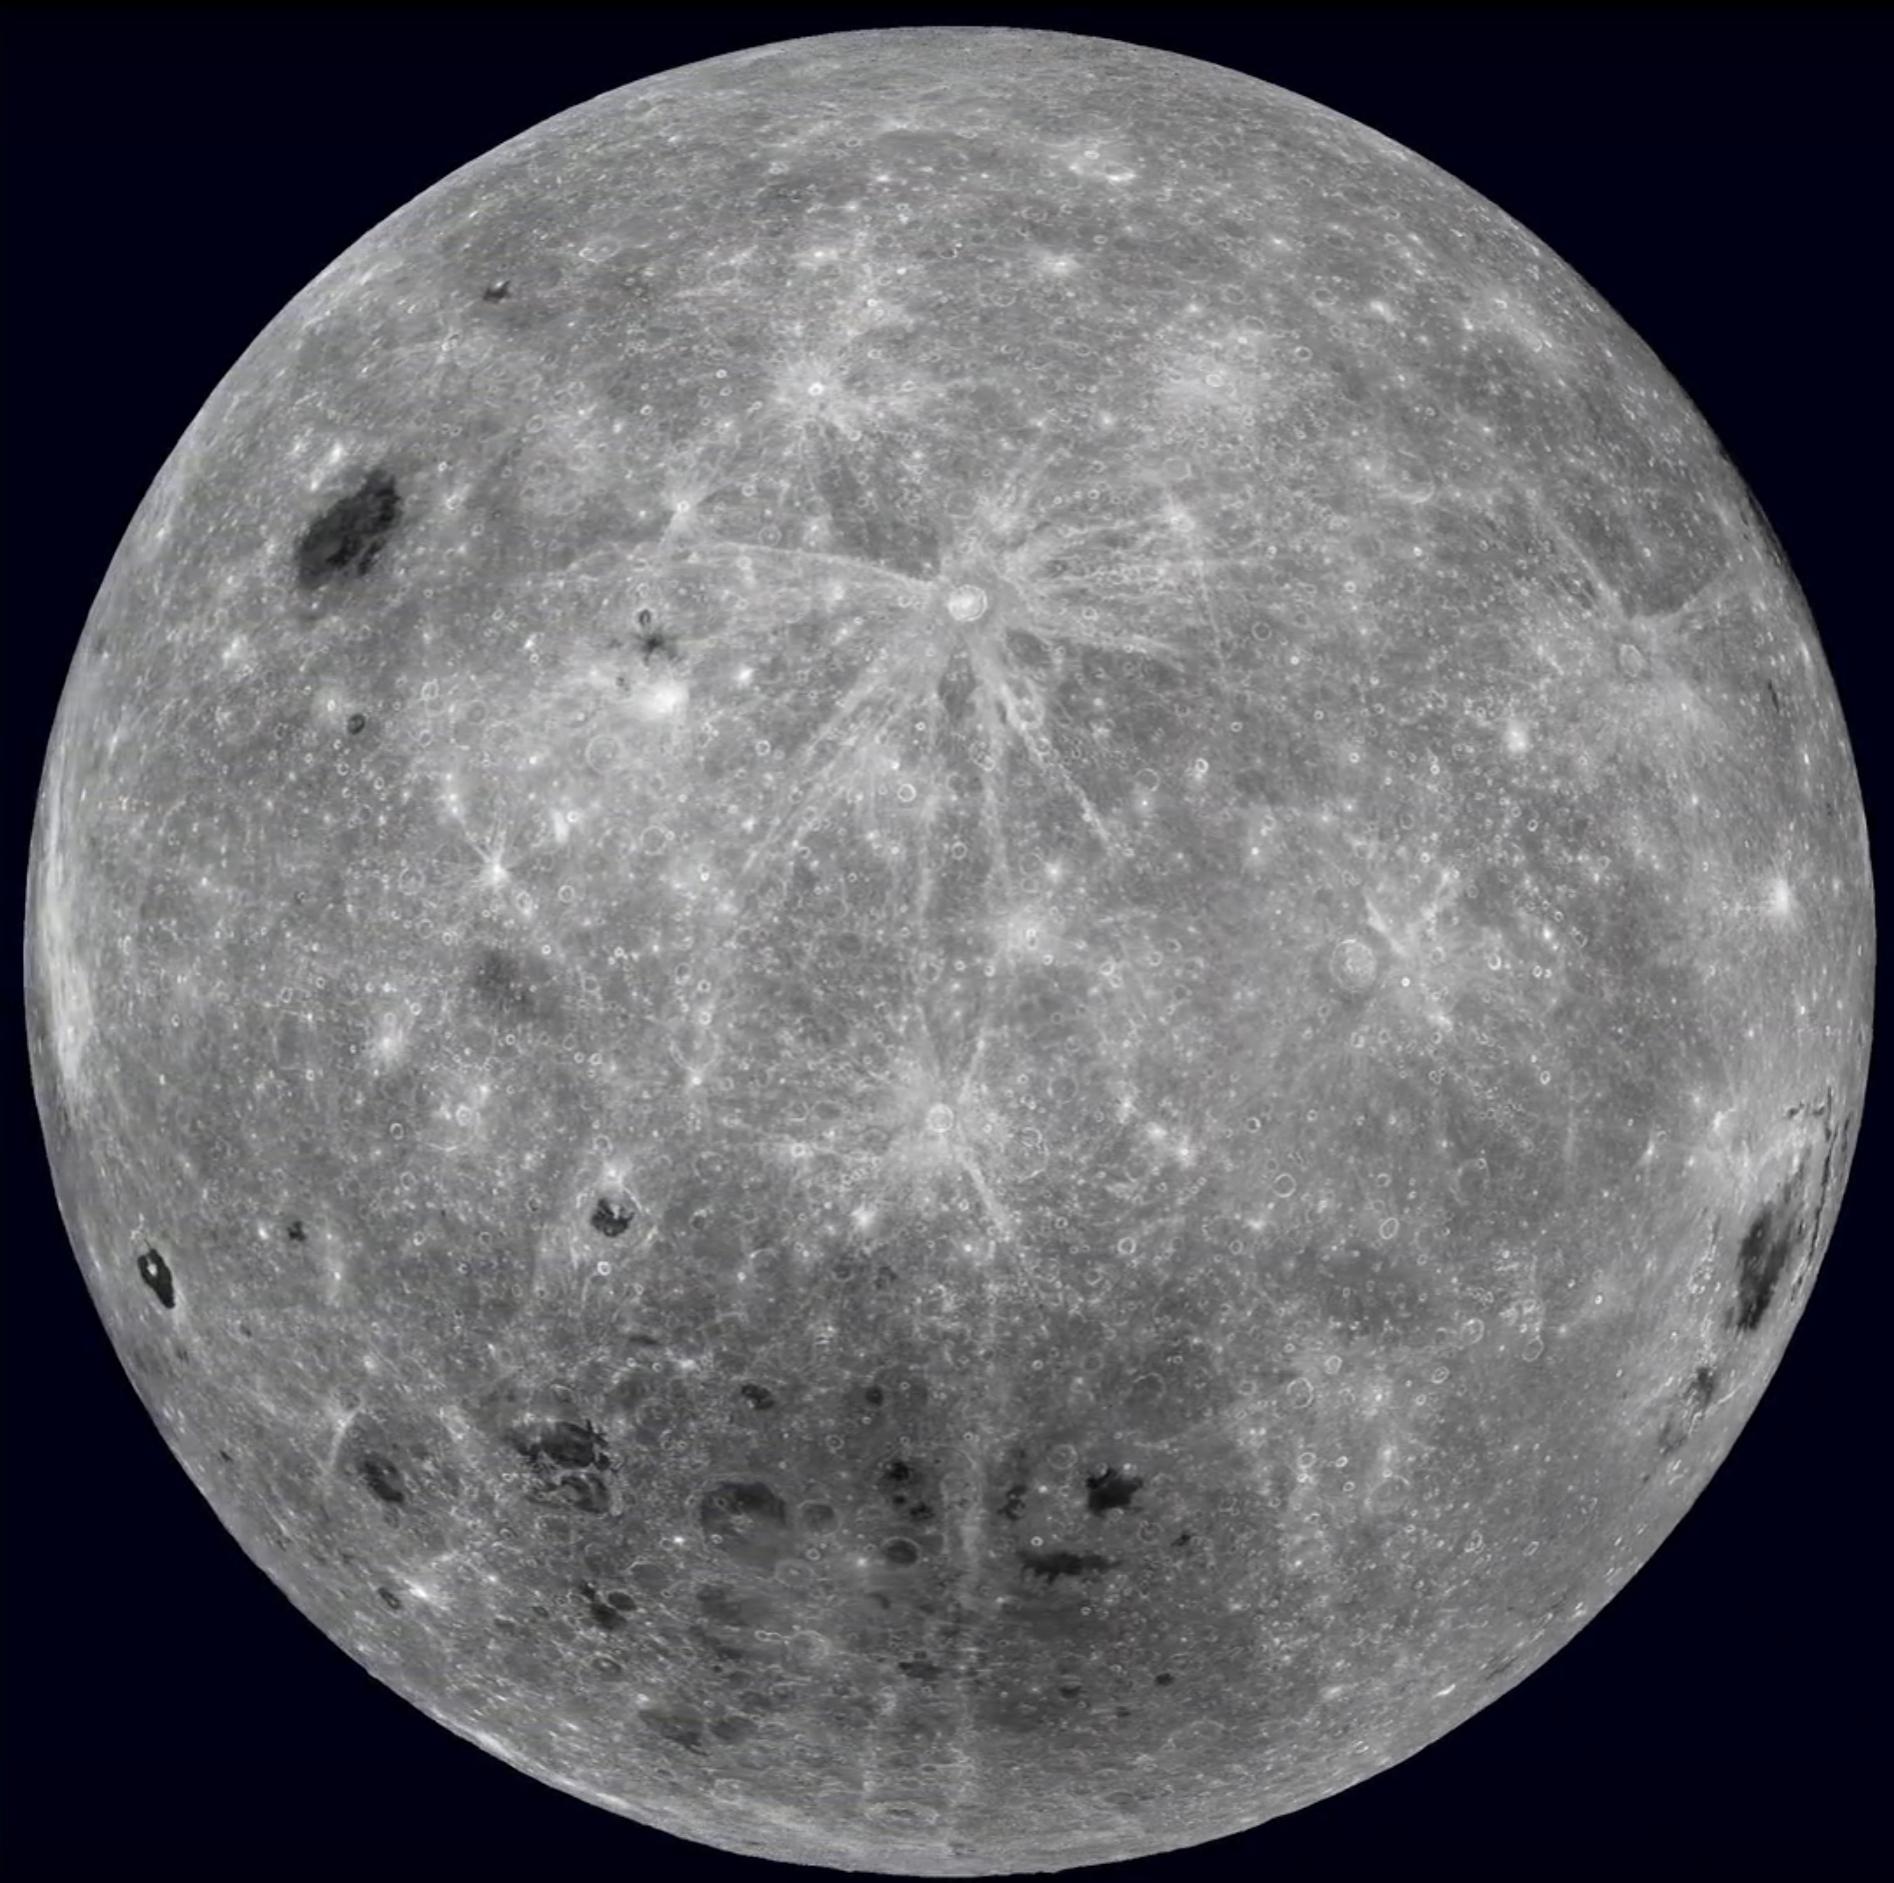 Las mejores imágenes tomadas en la cara oculta de la Luna